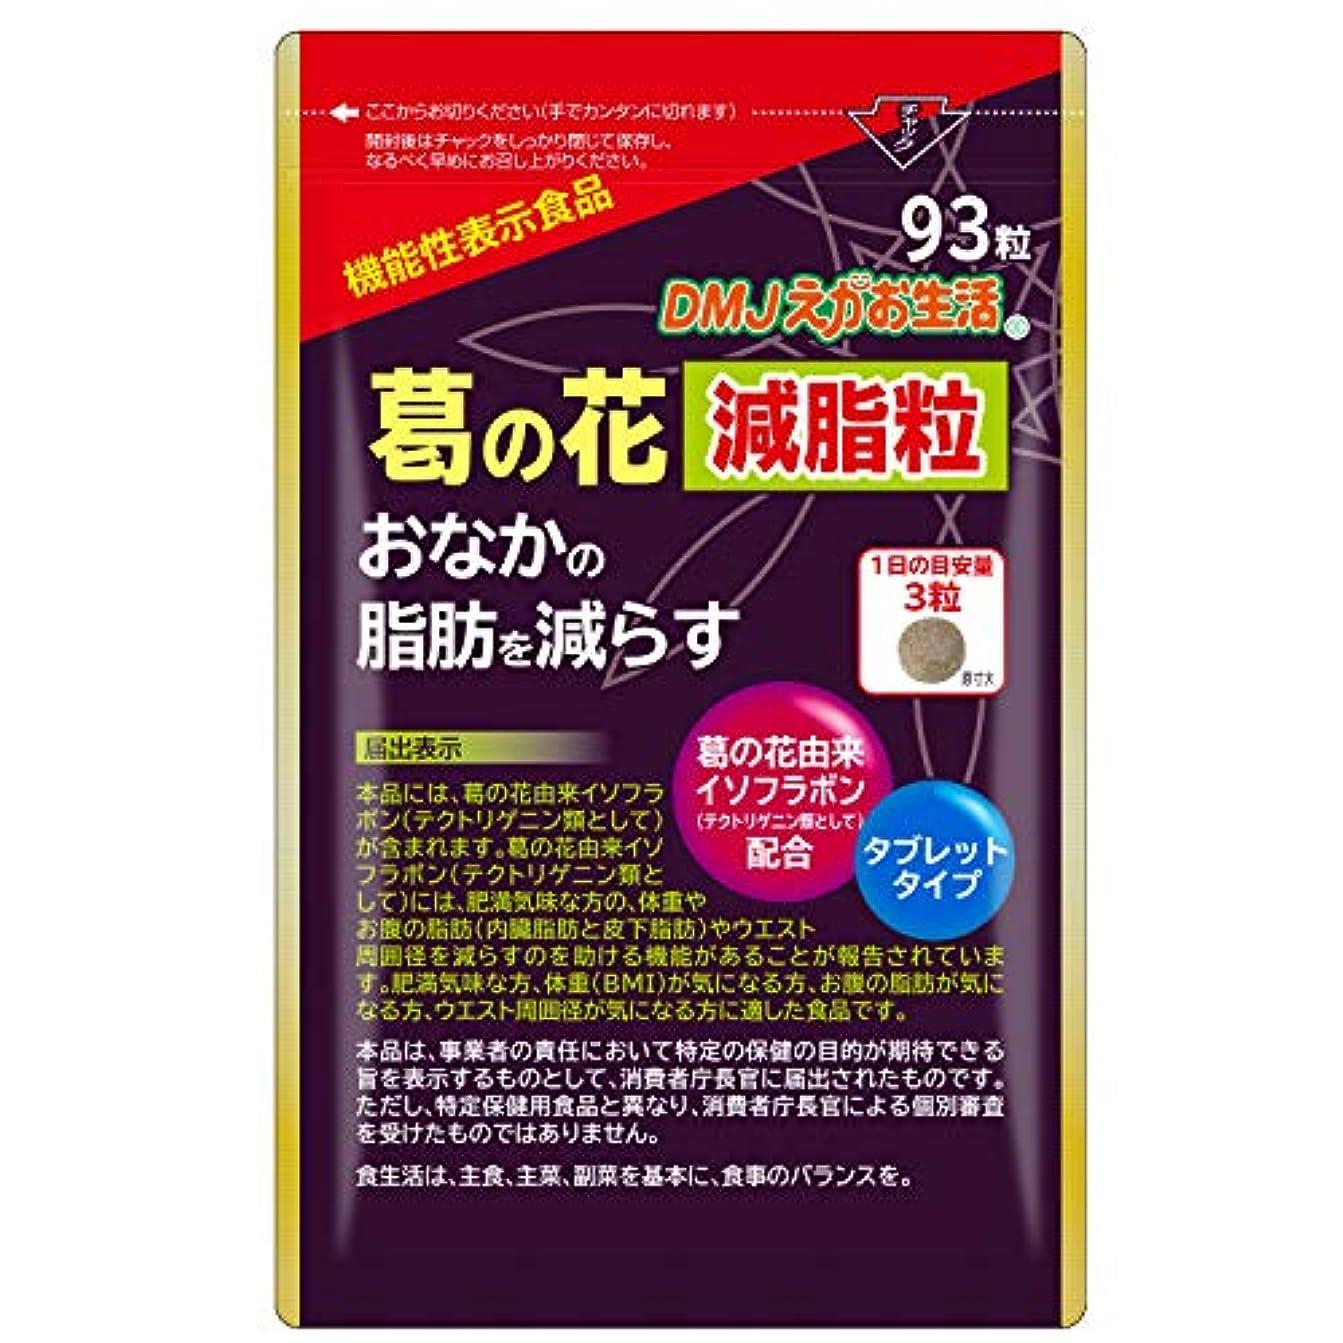 葛の花減脂粒 [体重ケア サプリメント/DMJえがお生活] 葛の花イソフラボン含有 内臓脂肪 (機能性表示食品) 肥満 日本製 31日分